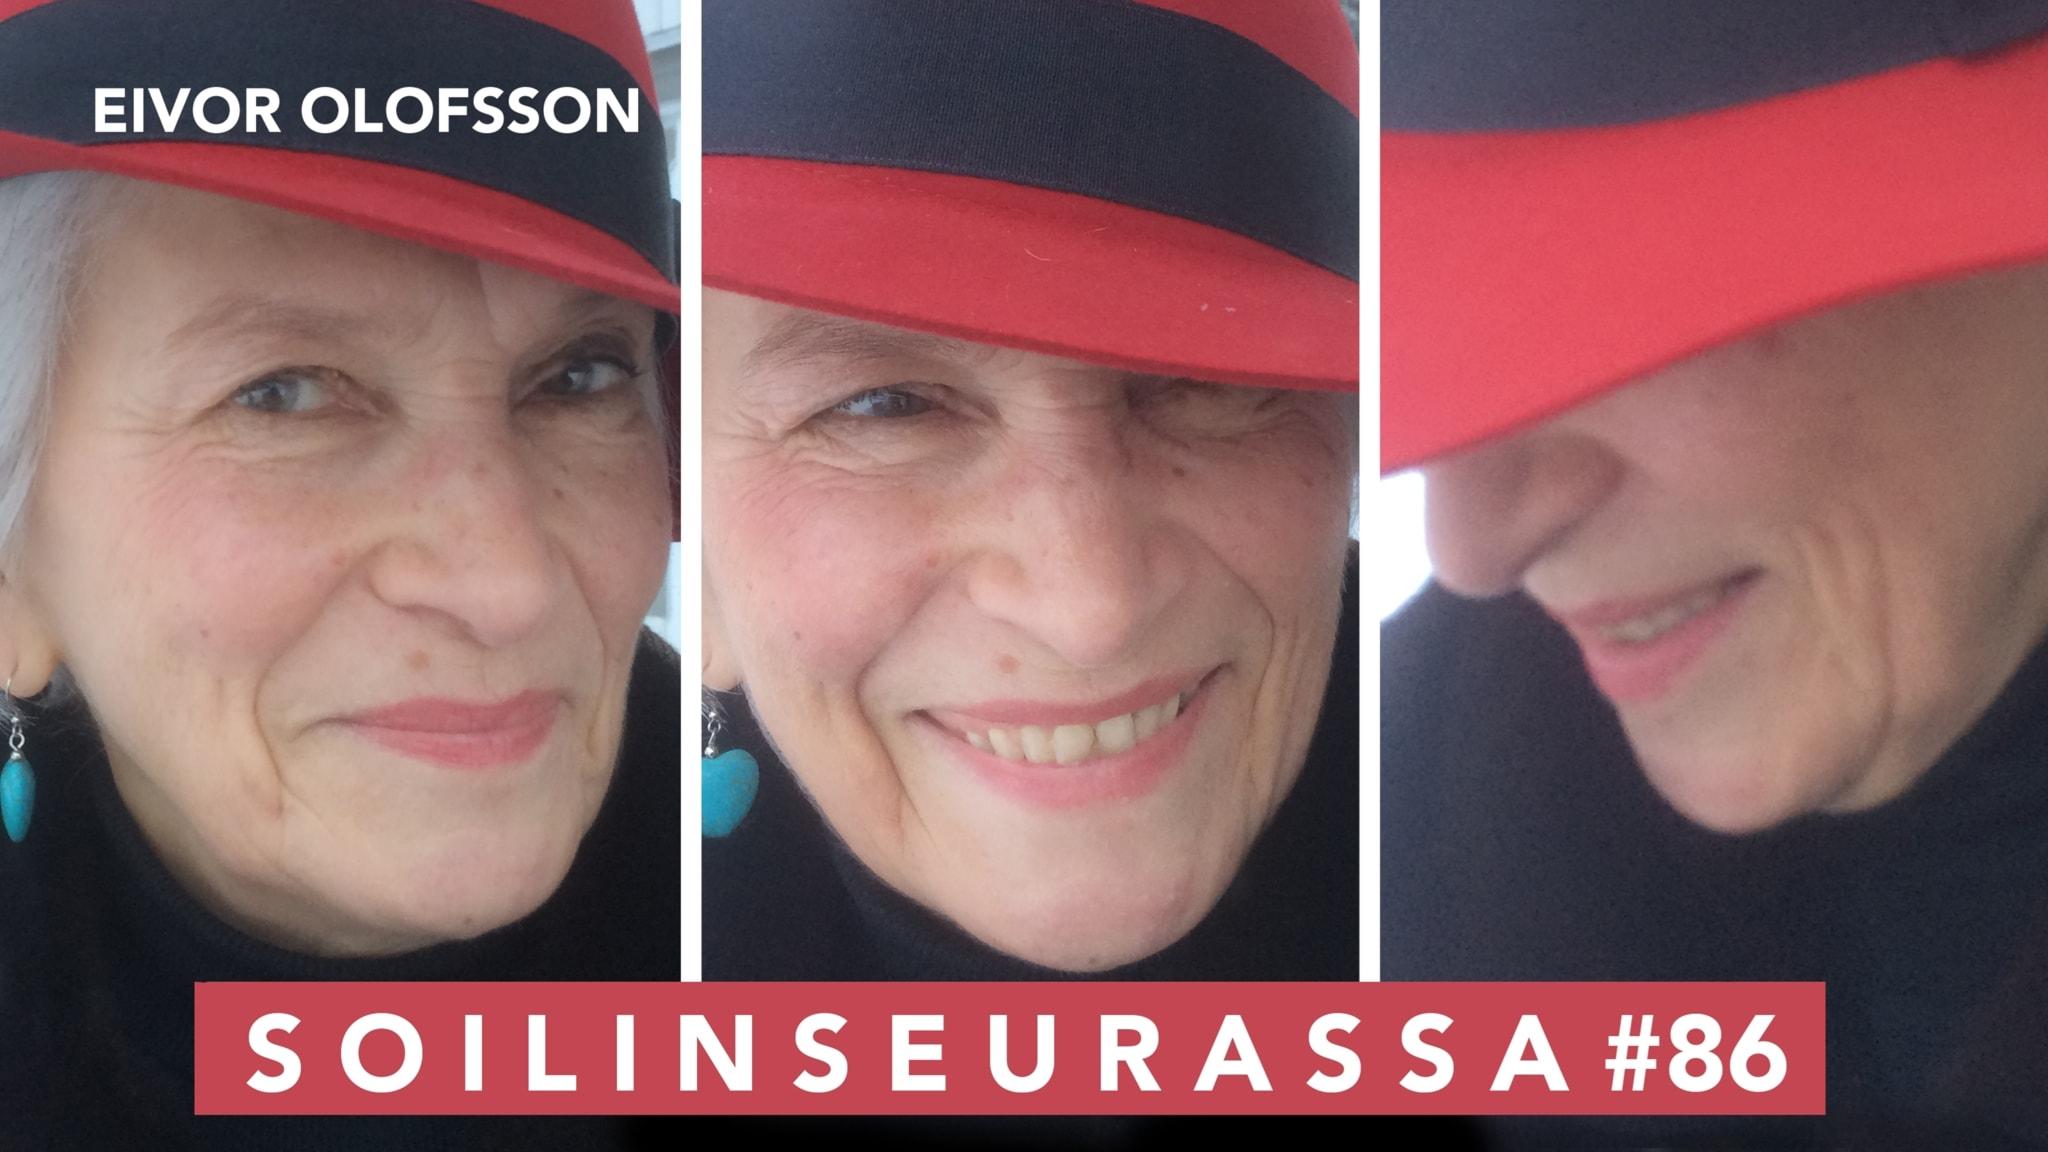 Soilin seurassa pohjoisen vahva nainen Eivor Olofsson